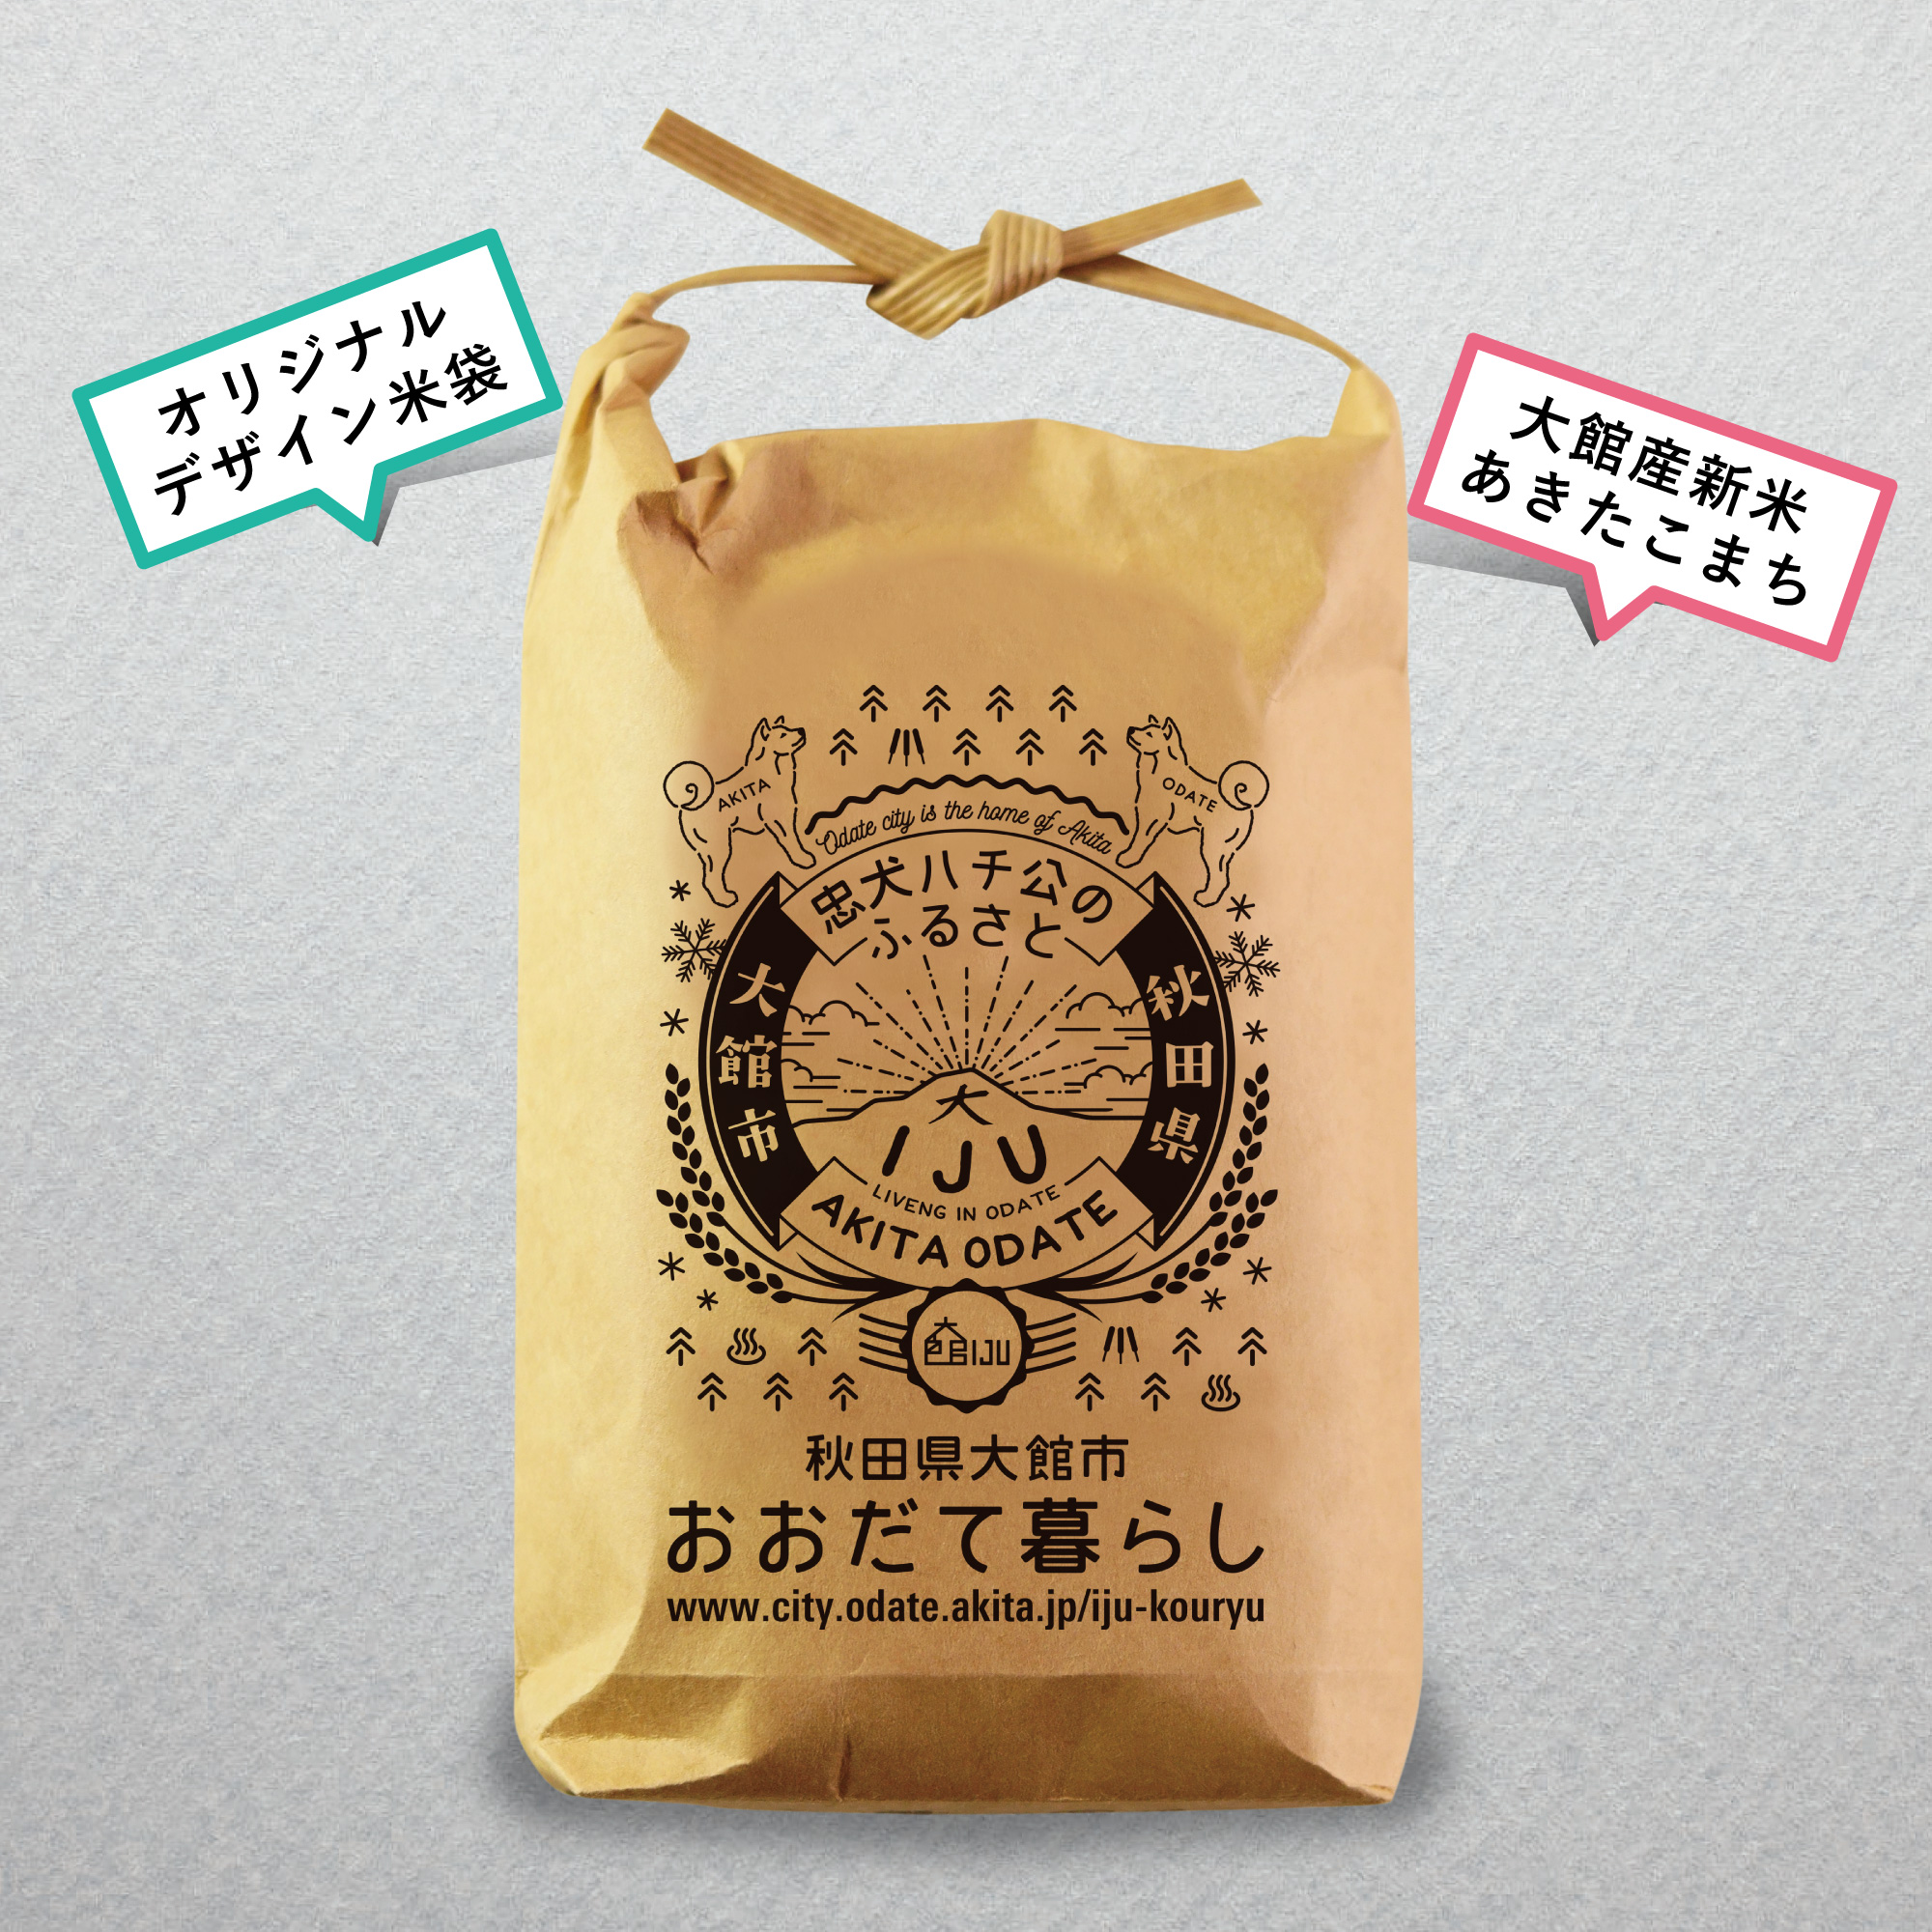 「美の国あきた」プロモーション in 大阪2018 オリジナルデザイン米袋